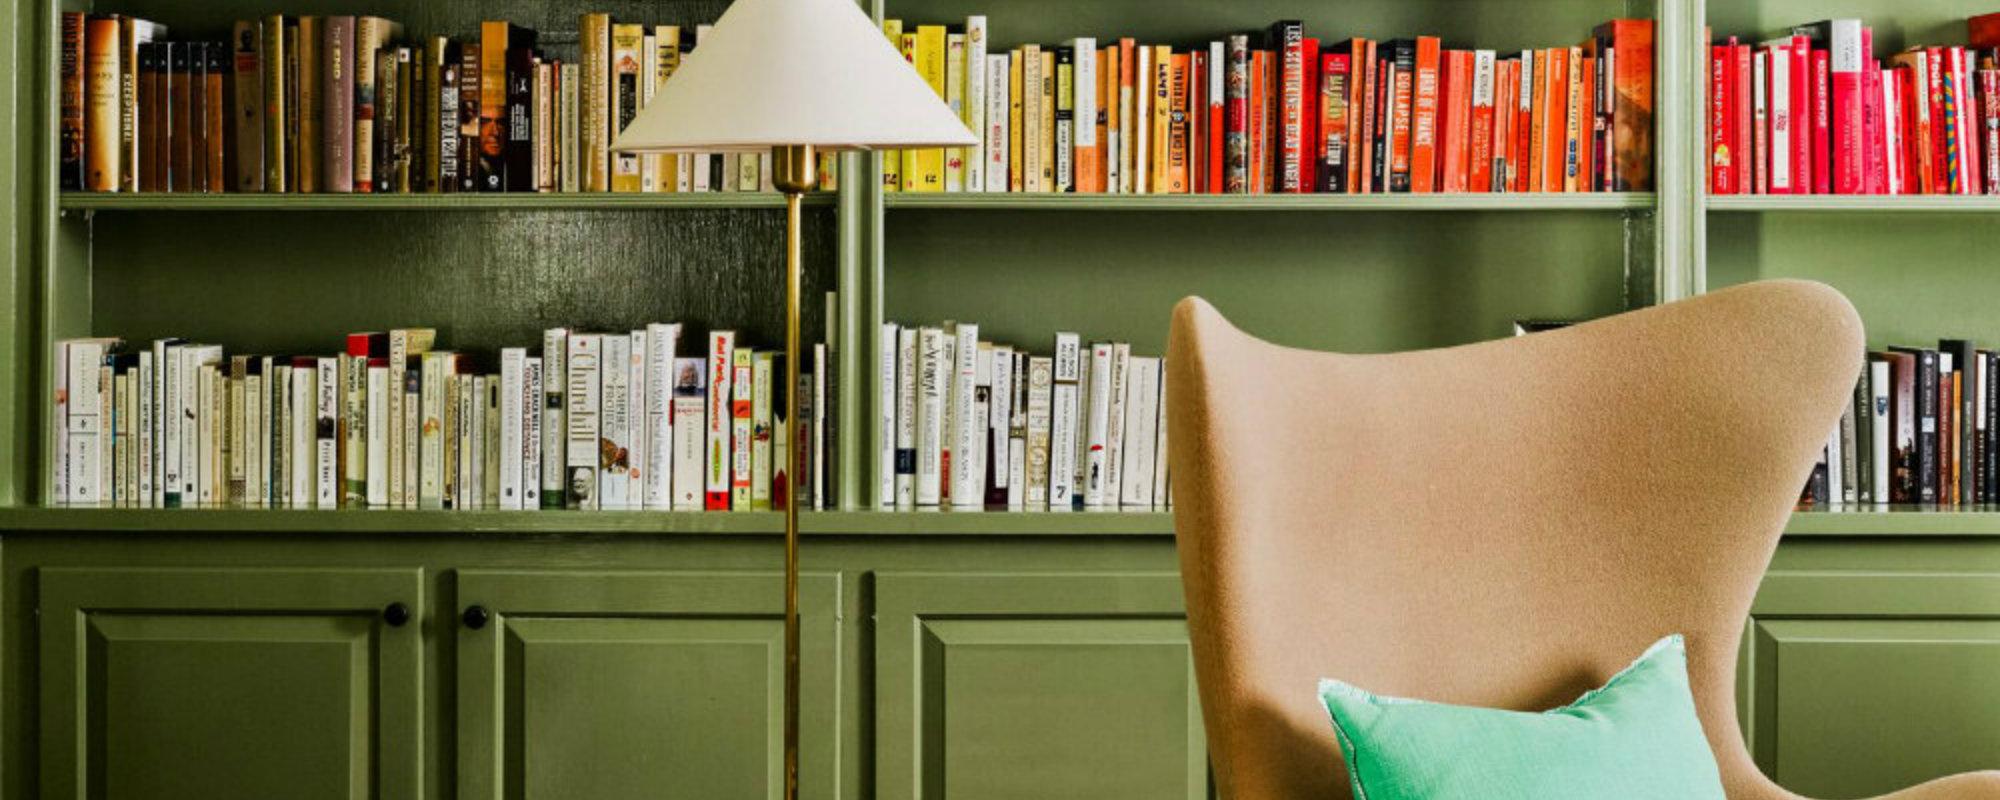 Ideas para Decorar: biblioteca de lujo para un proyecto de casa ideas para decorar Ideas para Decorar: biblioteca de lujo para un proyecto de casa Featured1